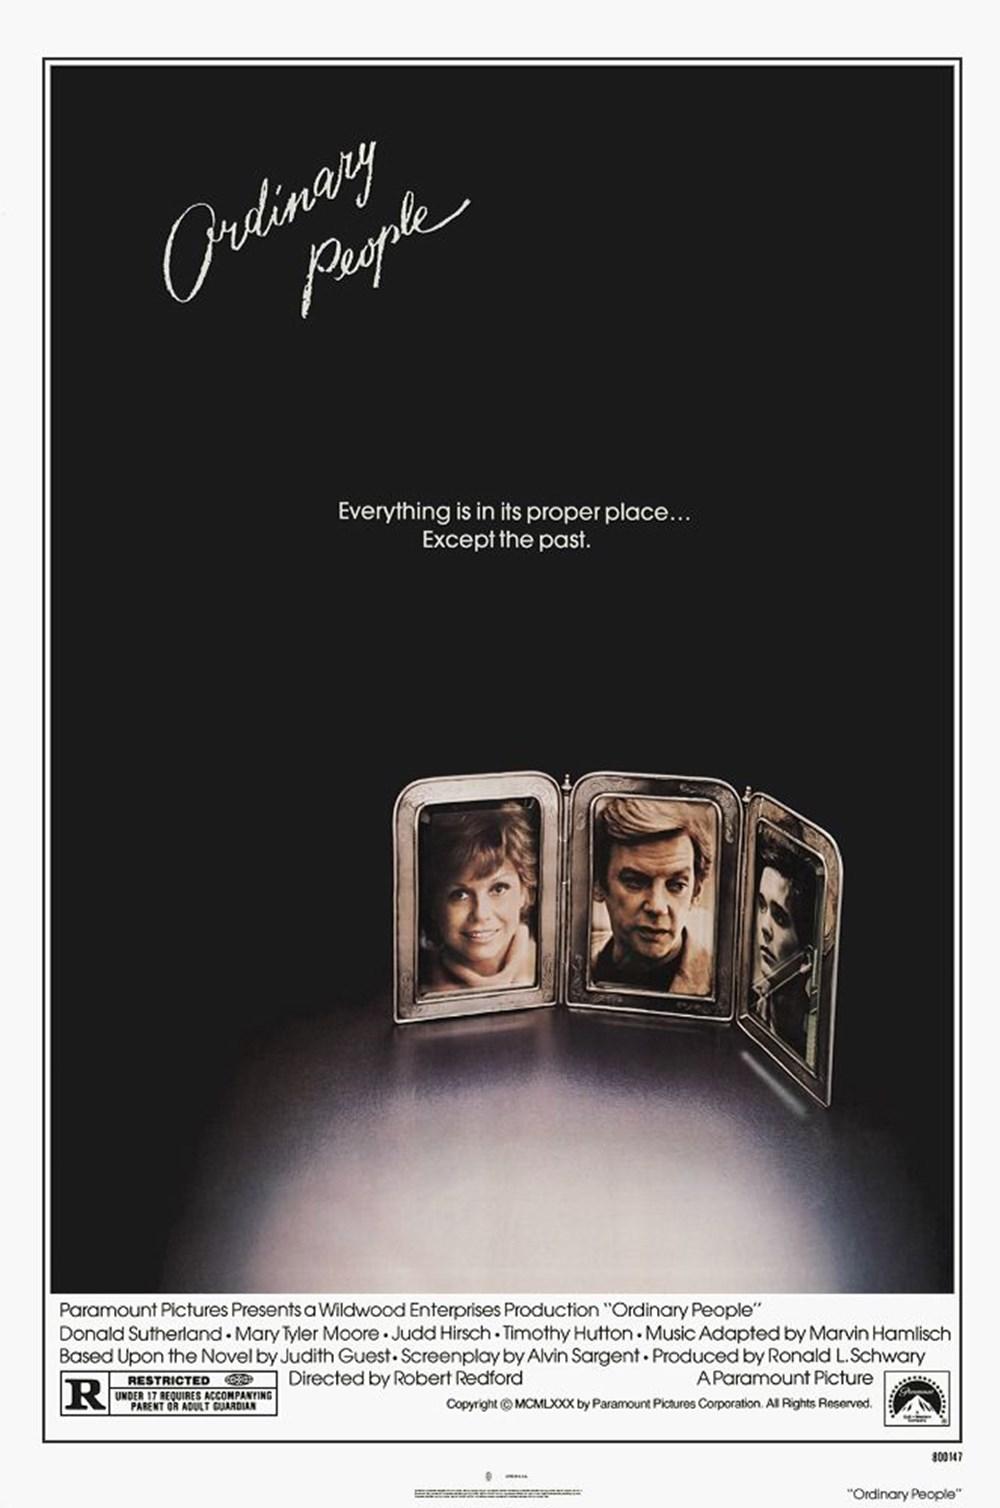 93. Oscar Ödülleri sonrası bugüne kadar ödül alan en iyi filmler - 54